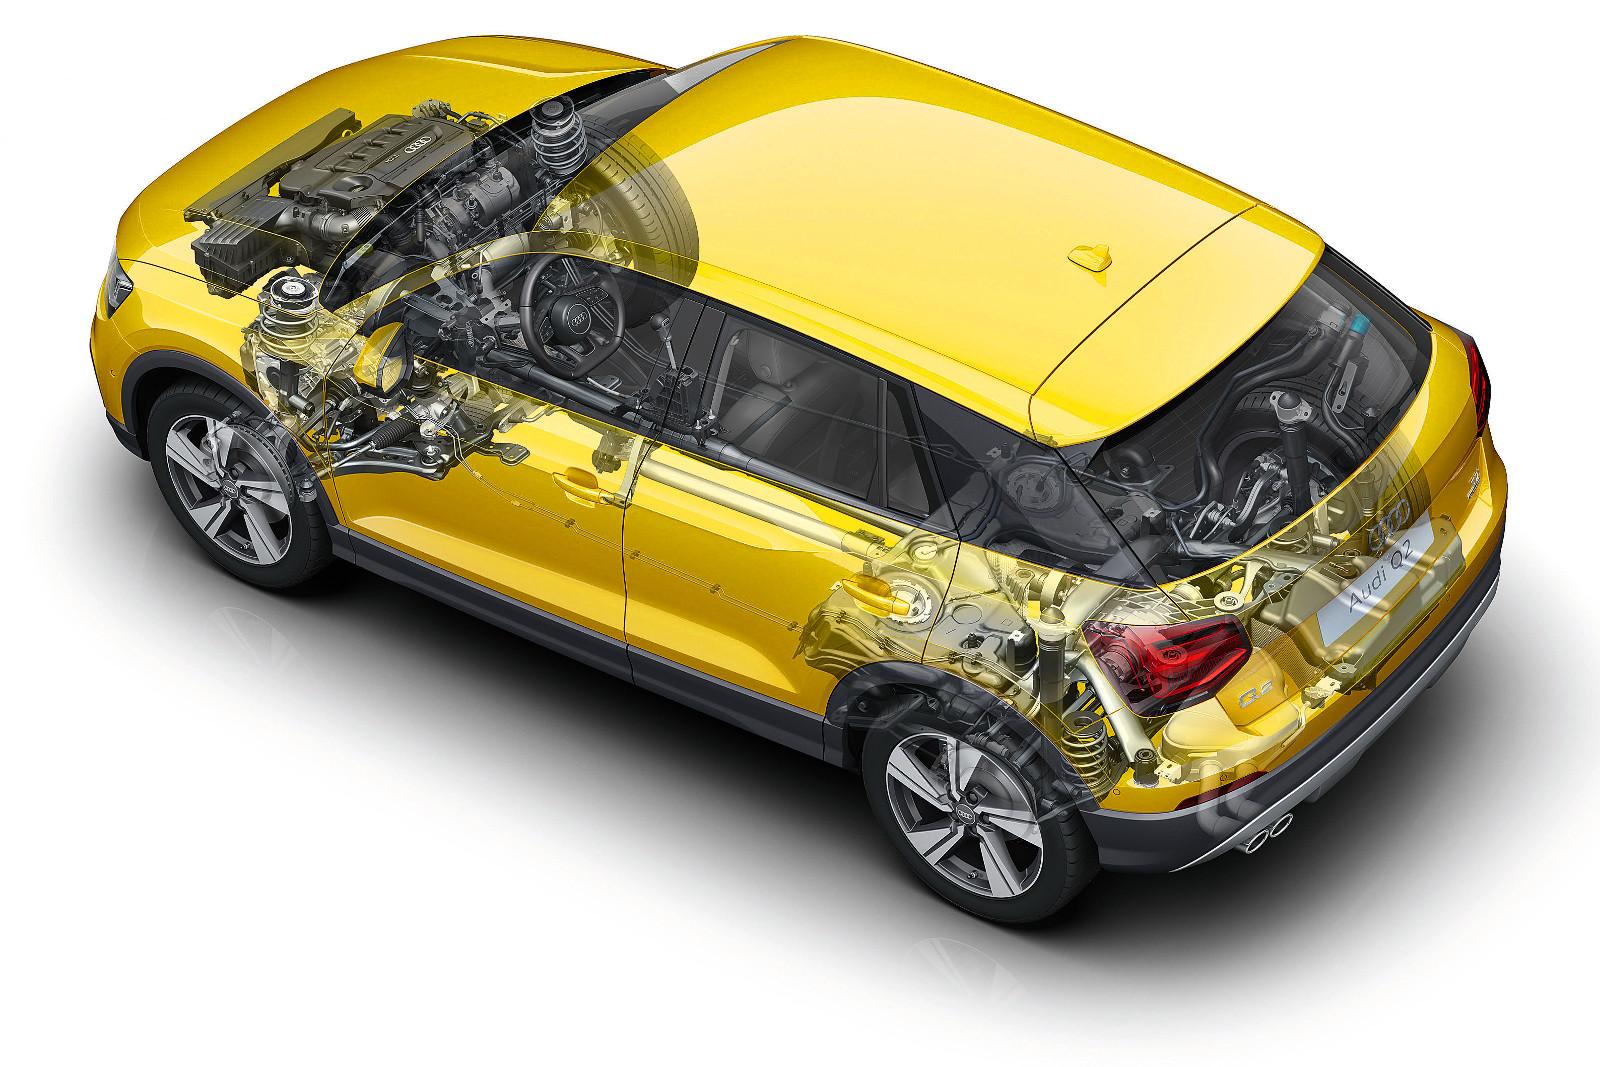 A legerősebb motorokhoz alapáron adják a quattro összkerékhajtást és az S tronic váltót, a 150 lóerős TDI-hez felár ellenében kérhető mindkettő. A kisebb motorok csak elsőkerékhajtással léteznek, de S tronic váltó mindegyikhez társítható